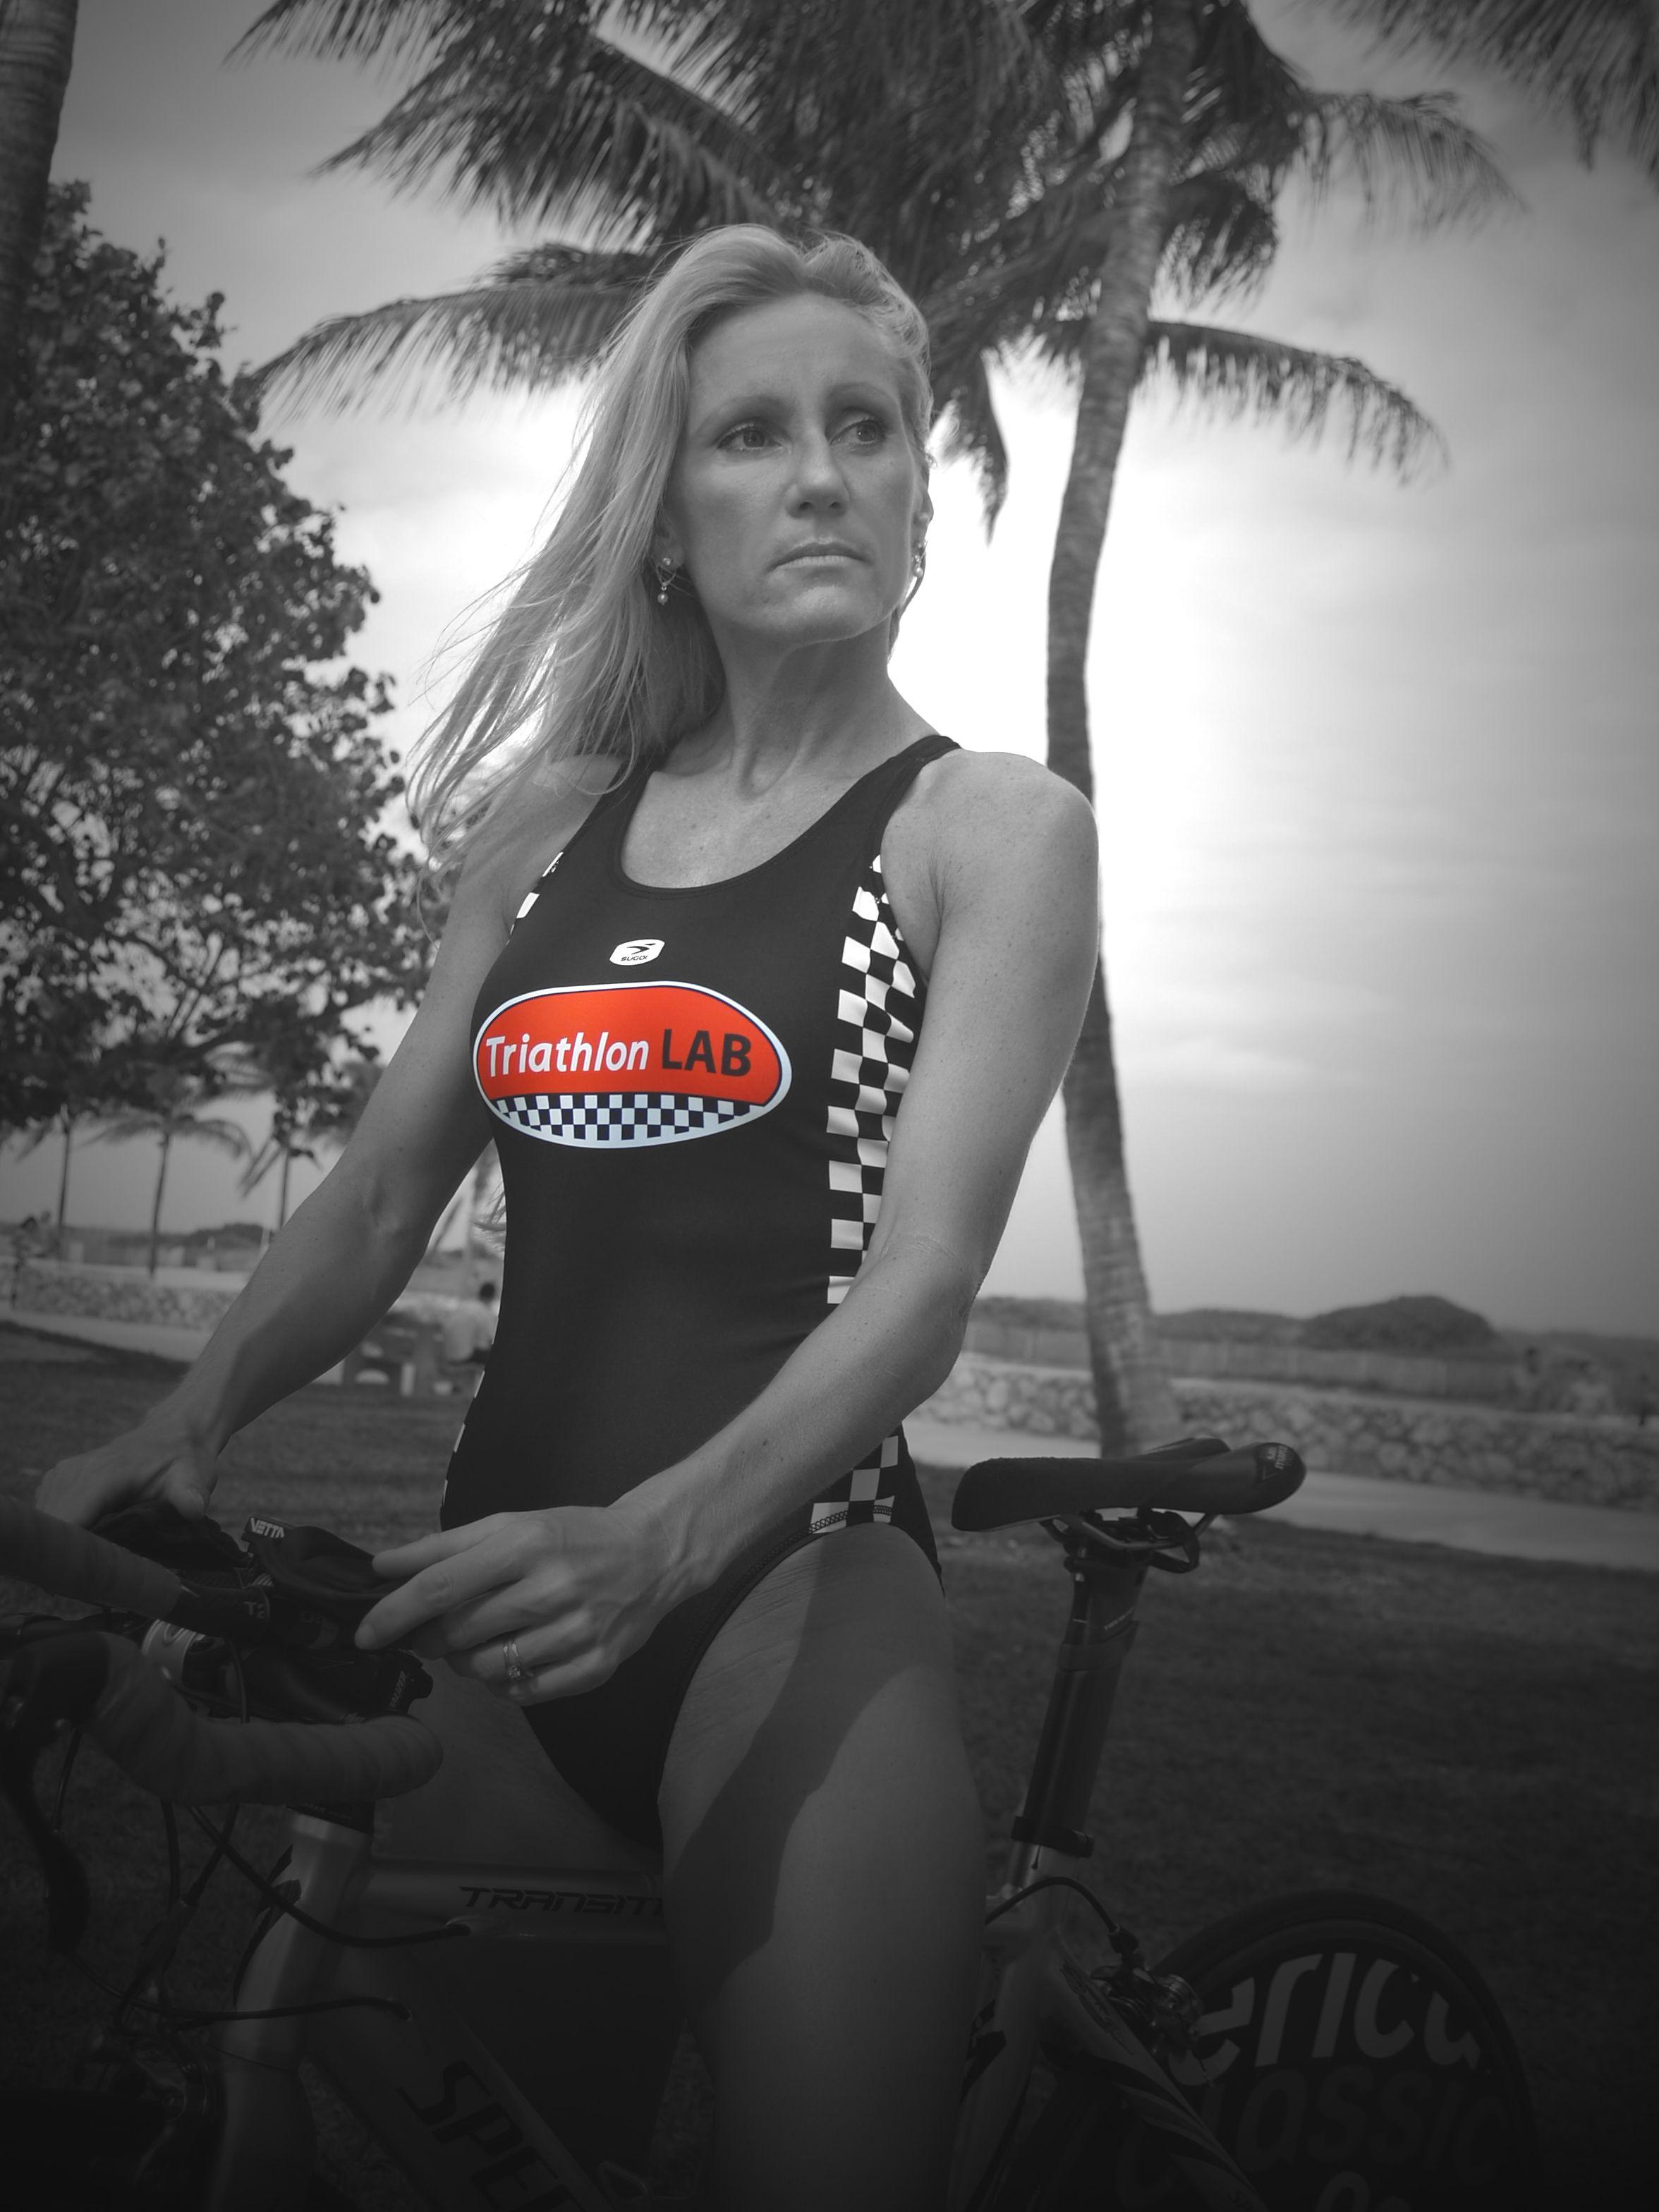 Lisa B  | Triathlon LAB - Team Athletes | Tank tops, Tops